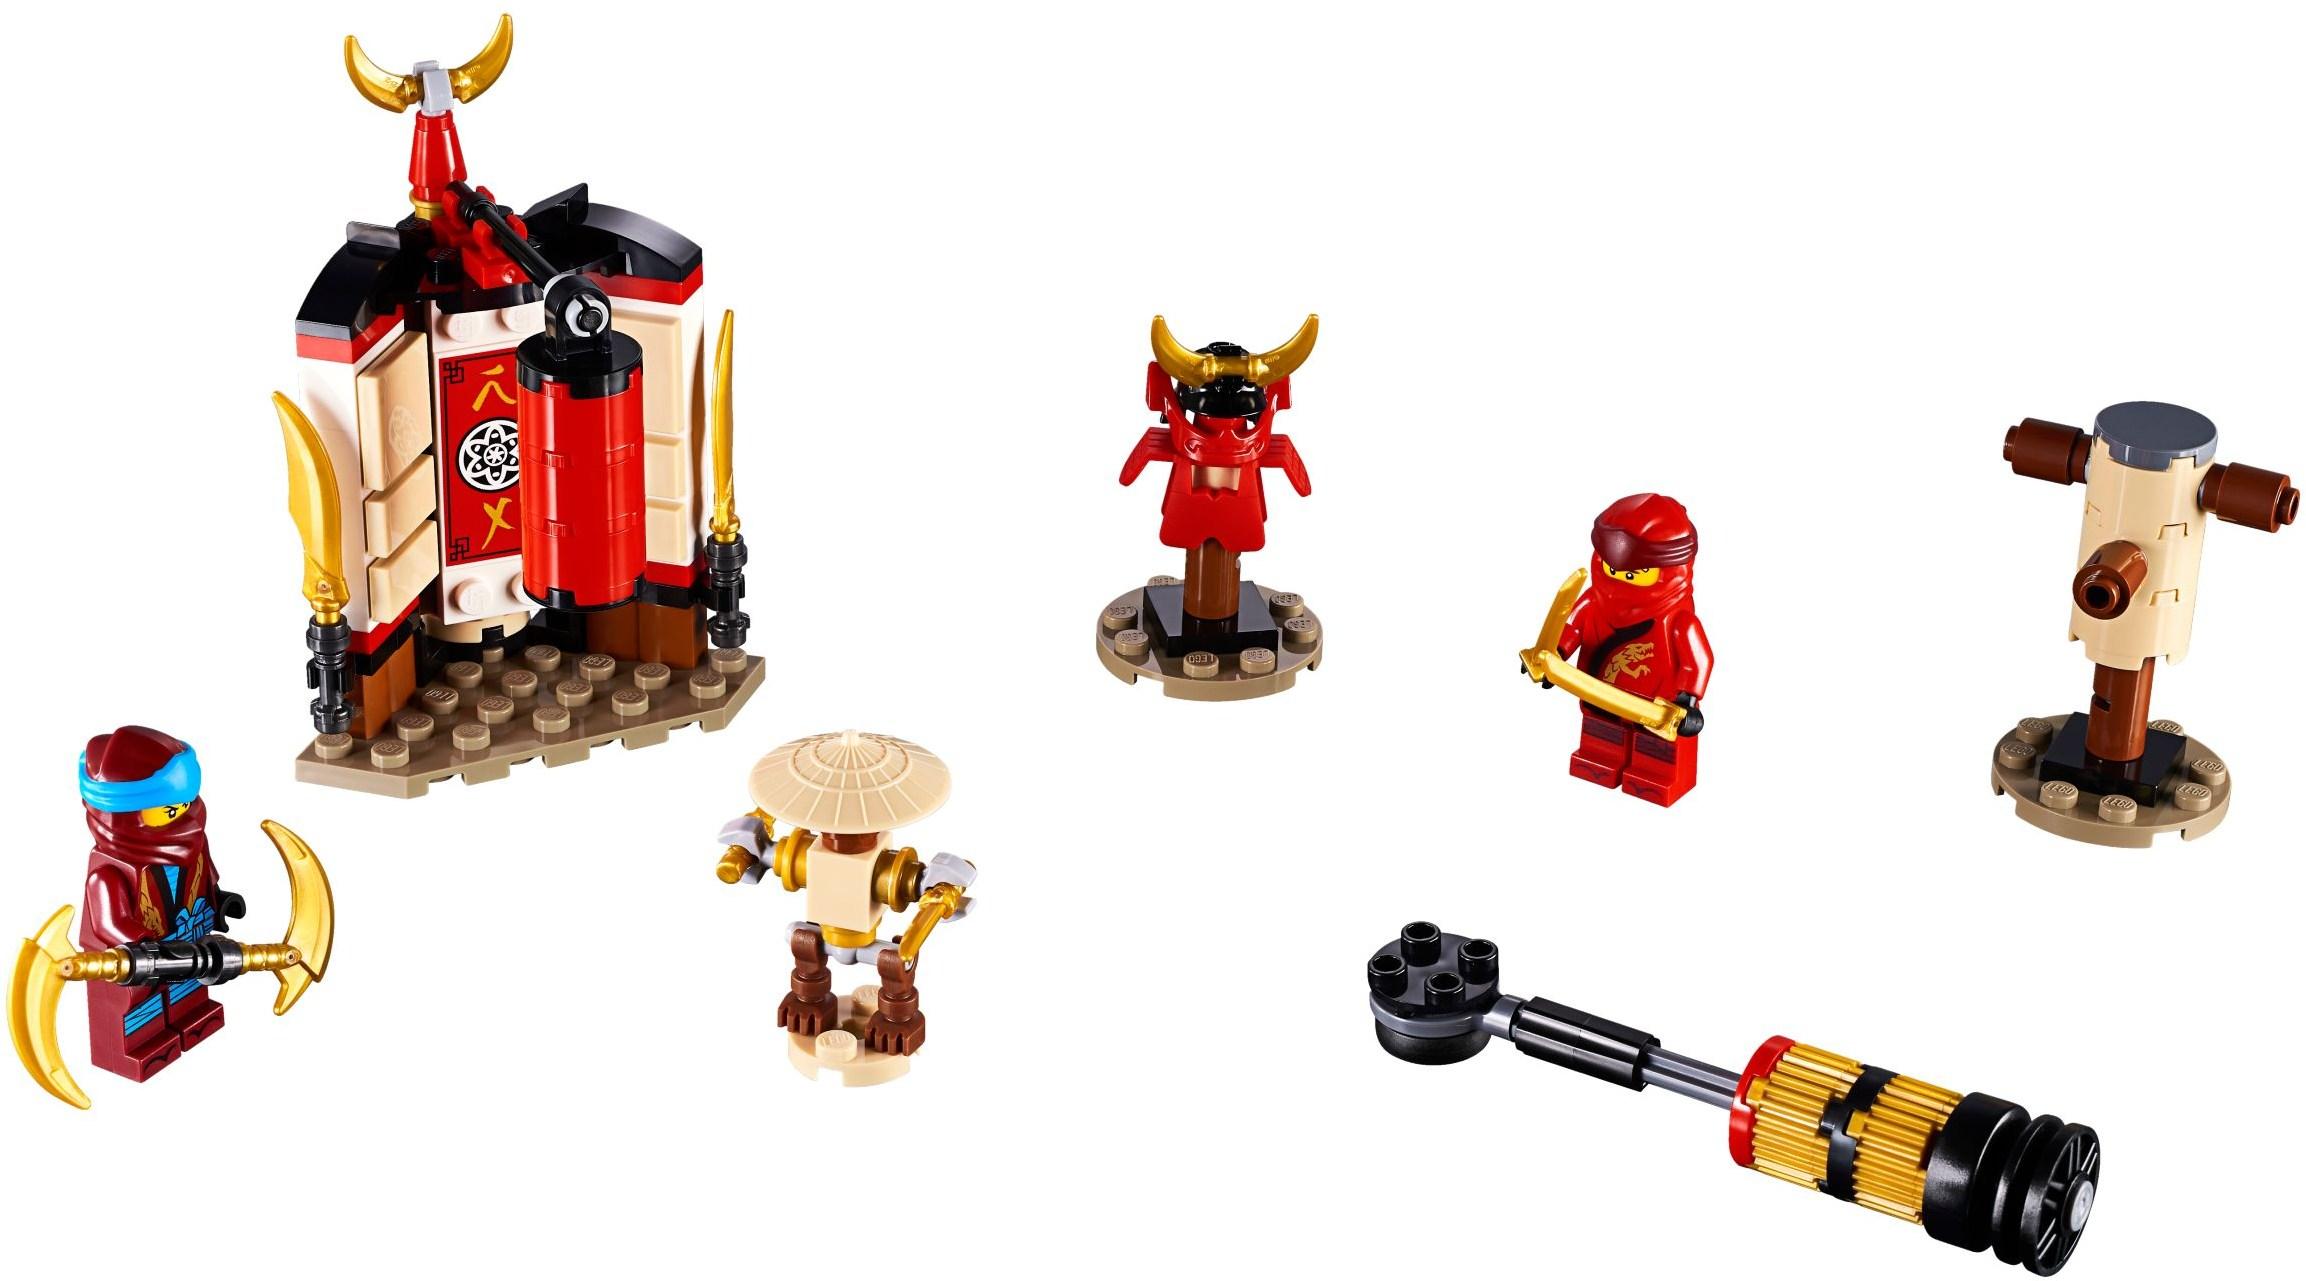 LEGO POLYBAG NINJAGO LEGACY RED NINJA KAI FIRE FLIGHT DRAGON 30535